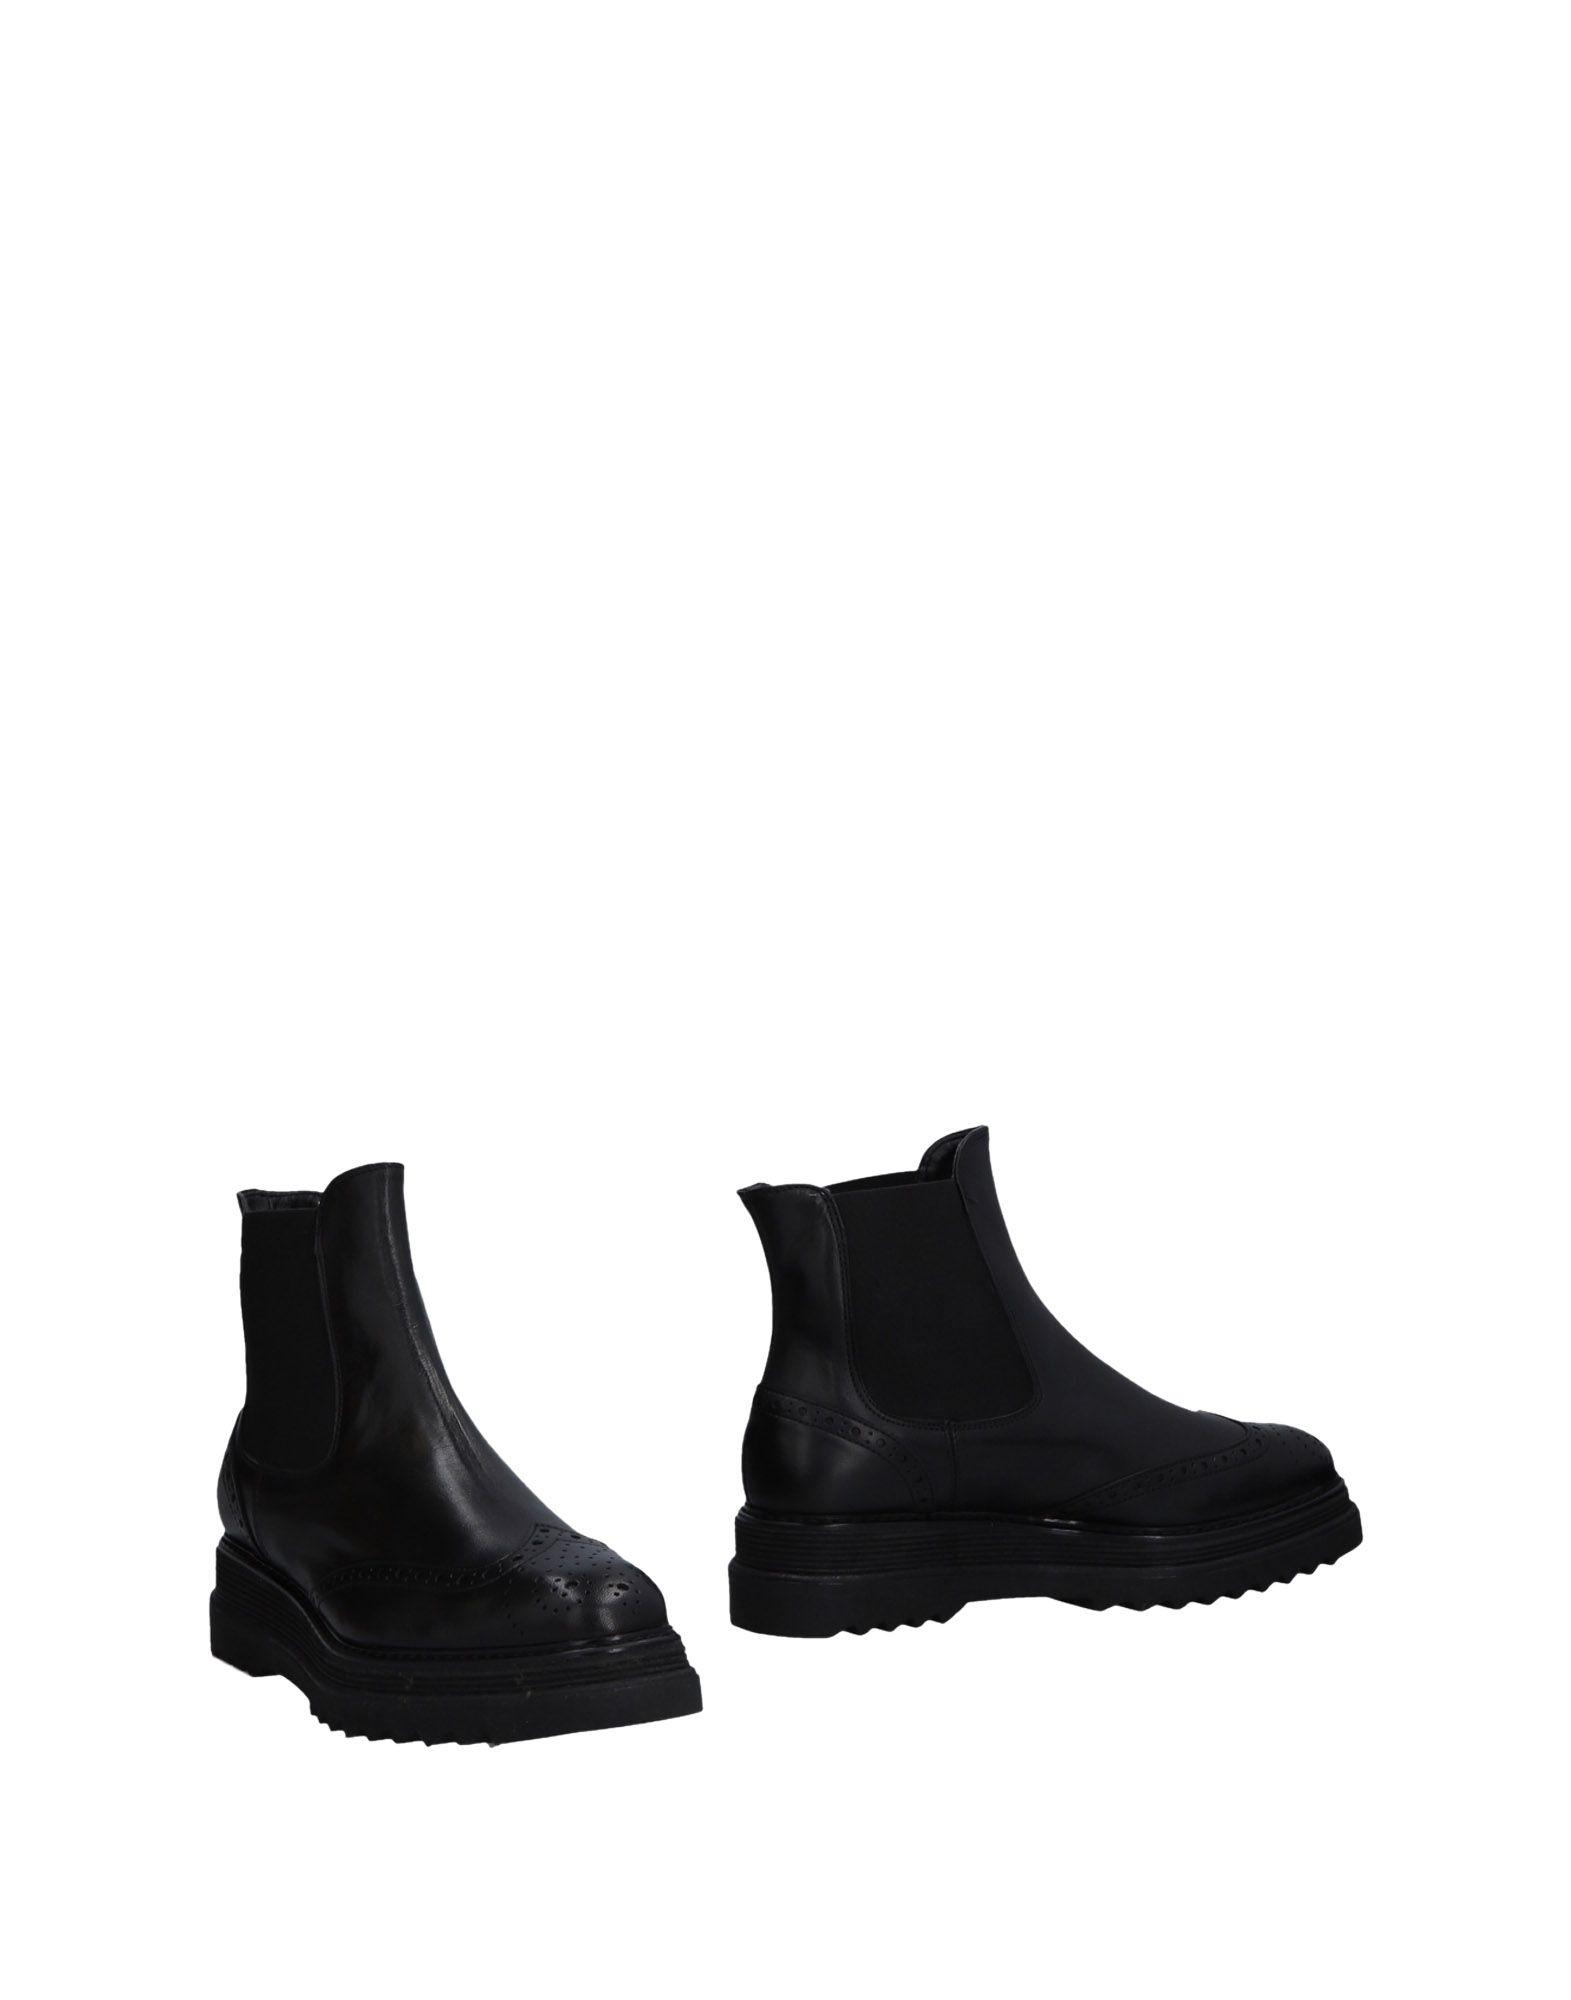 Gut um billige Schuhe Damen zu tragenFormentini Chelsea Boots Damen Schuhe  11479000QW 4b170b